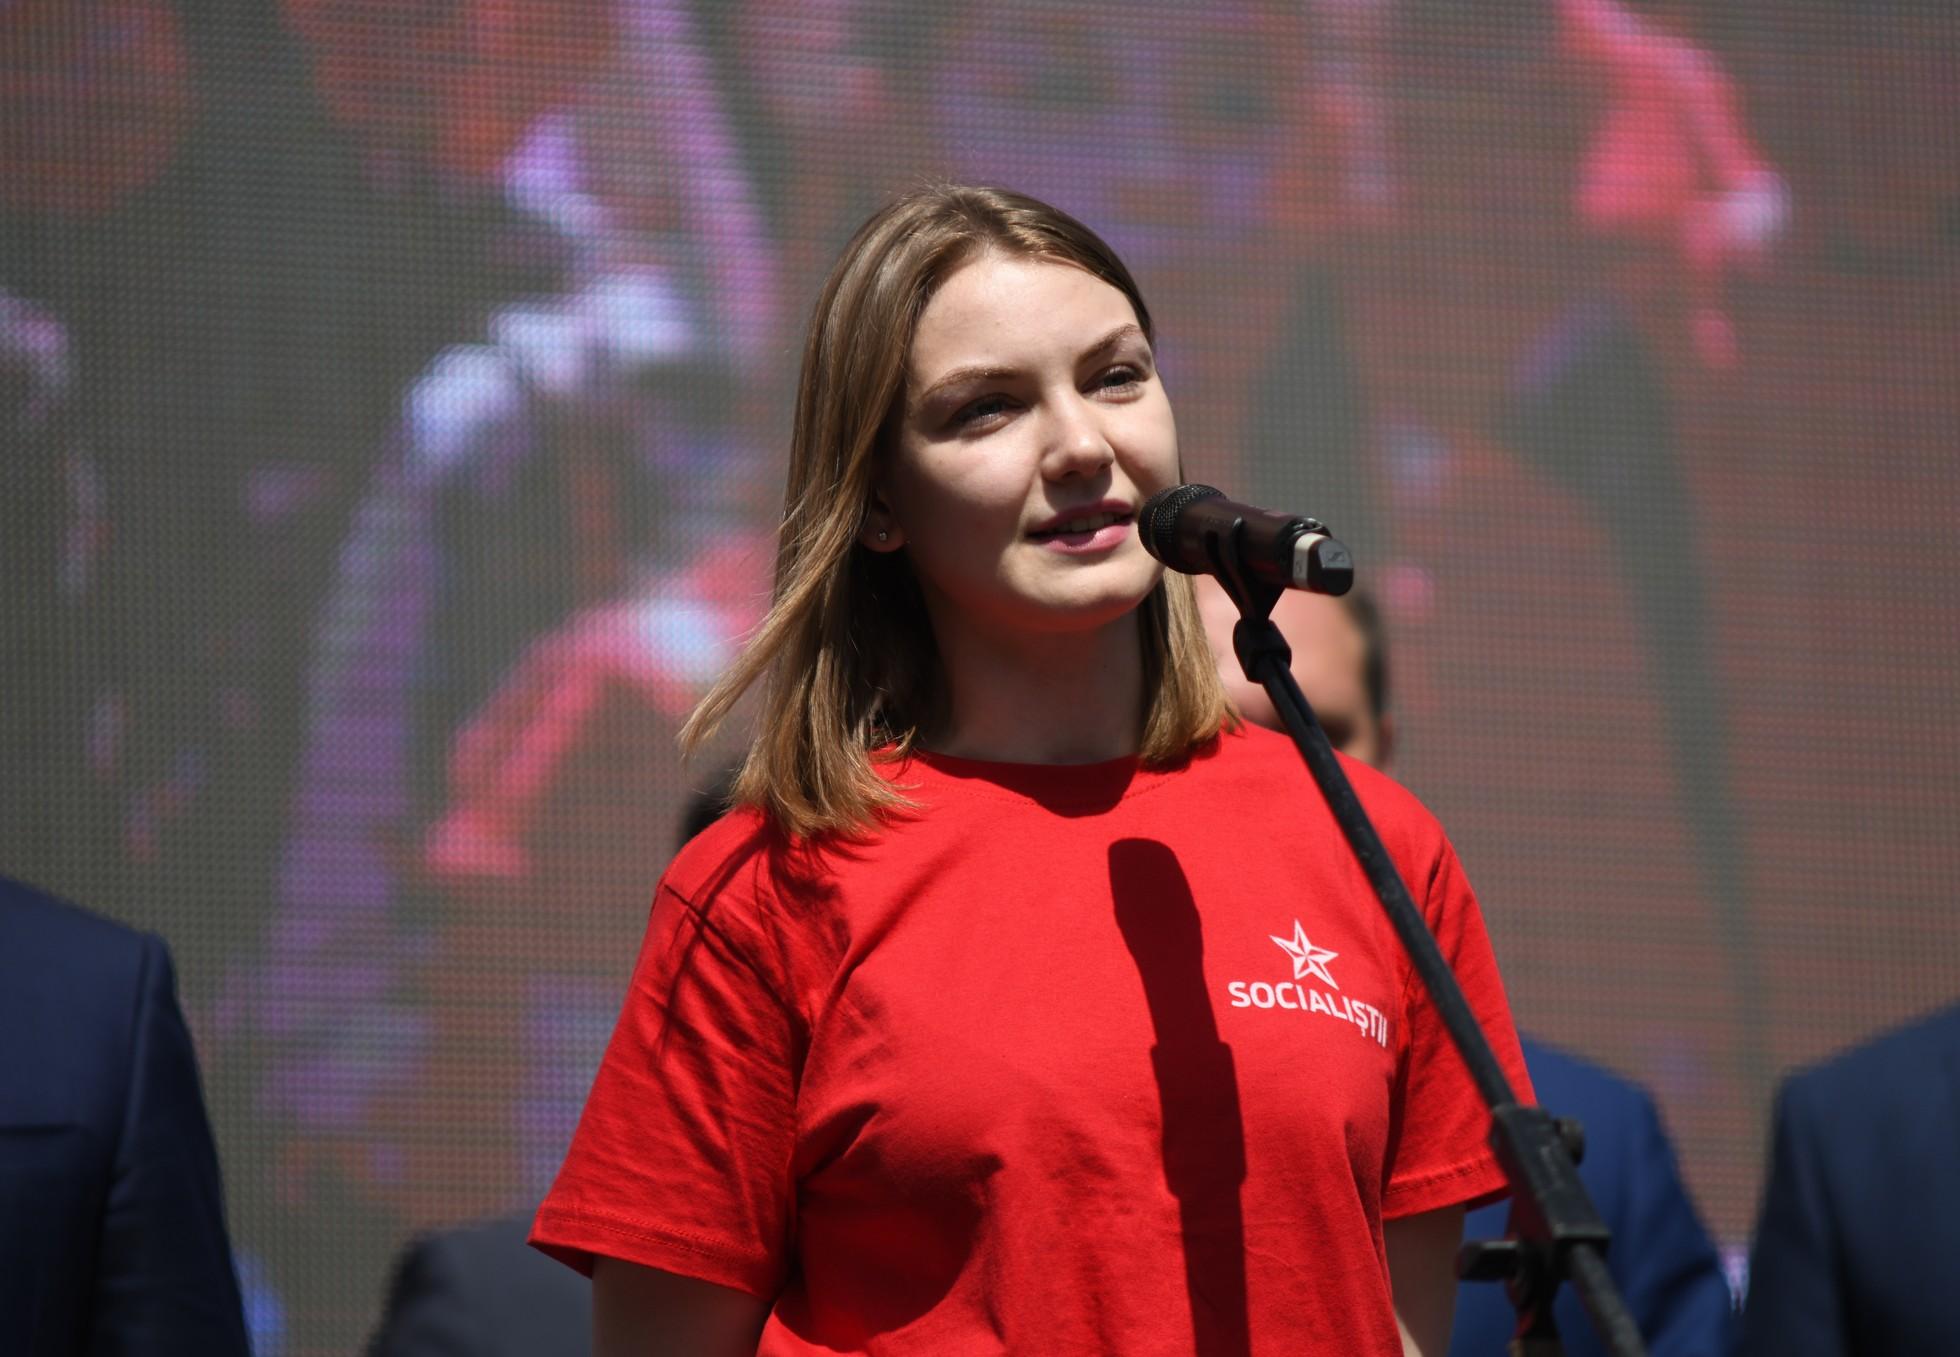 Липская: Молодежь хочет жить в перспективной стране (ВИДЕО)